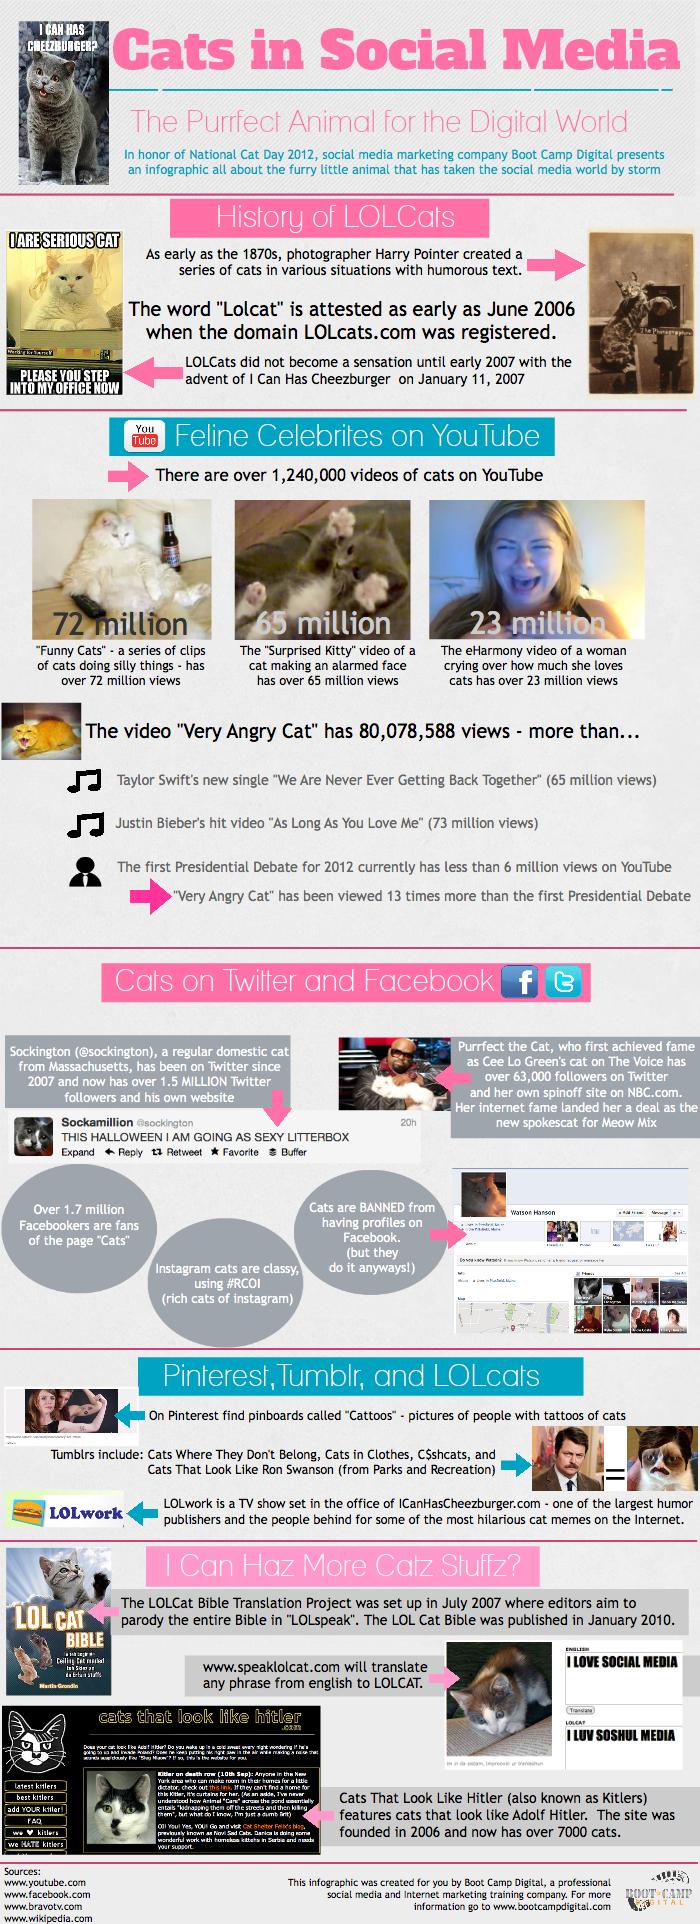 Cats in Social Media